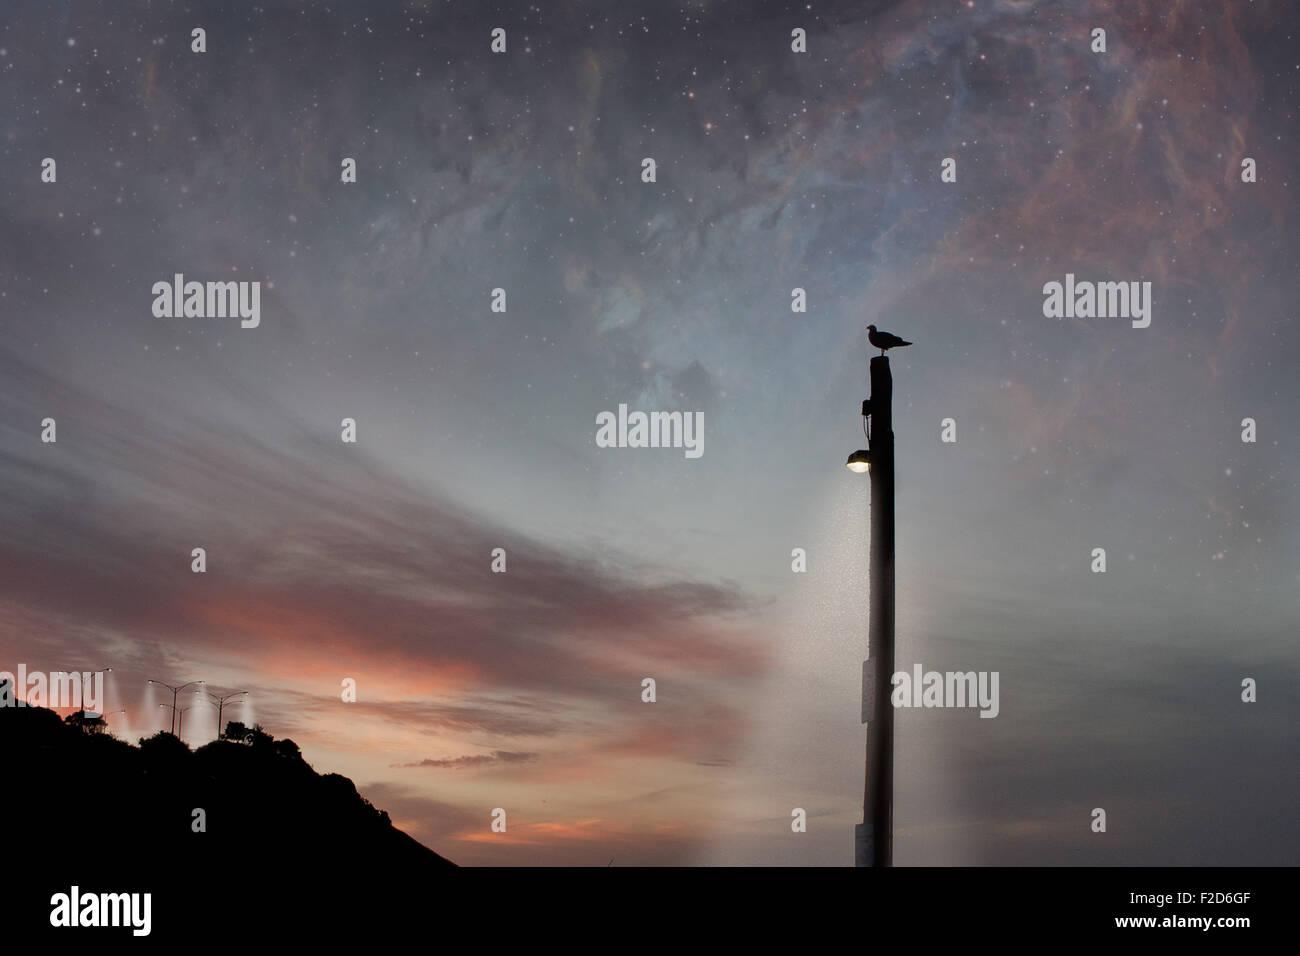 Scène de fantaisie et d'oiseau debout sur un poteau d'éclairage. Photo Stock